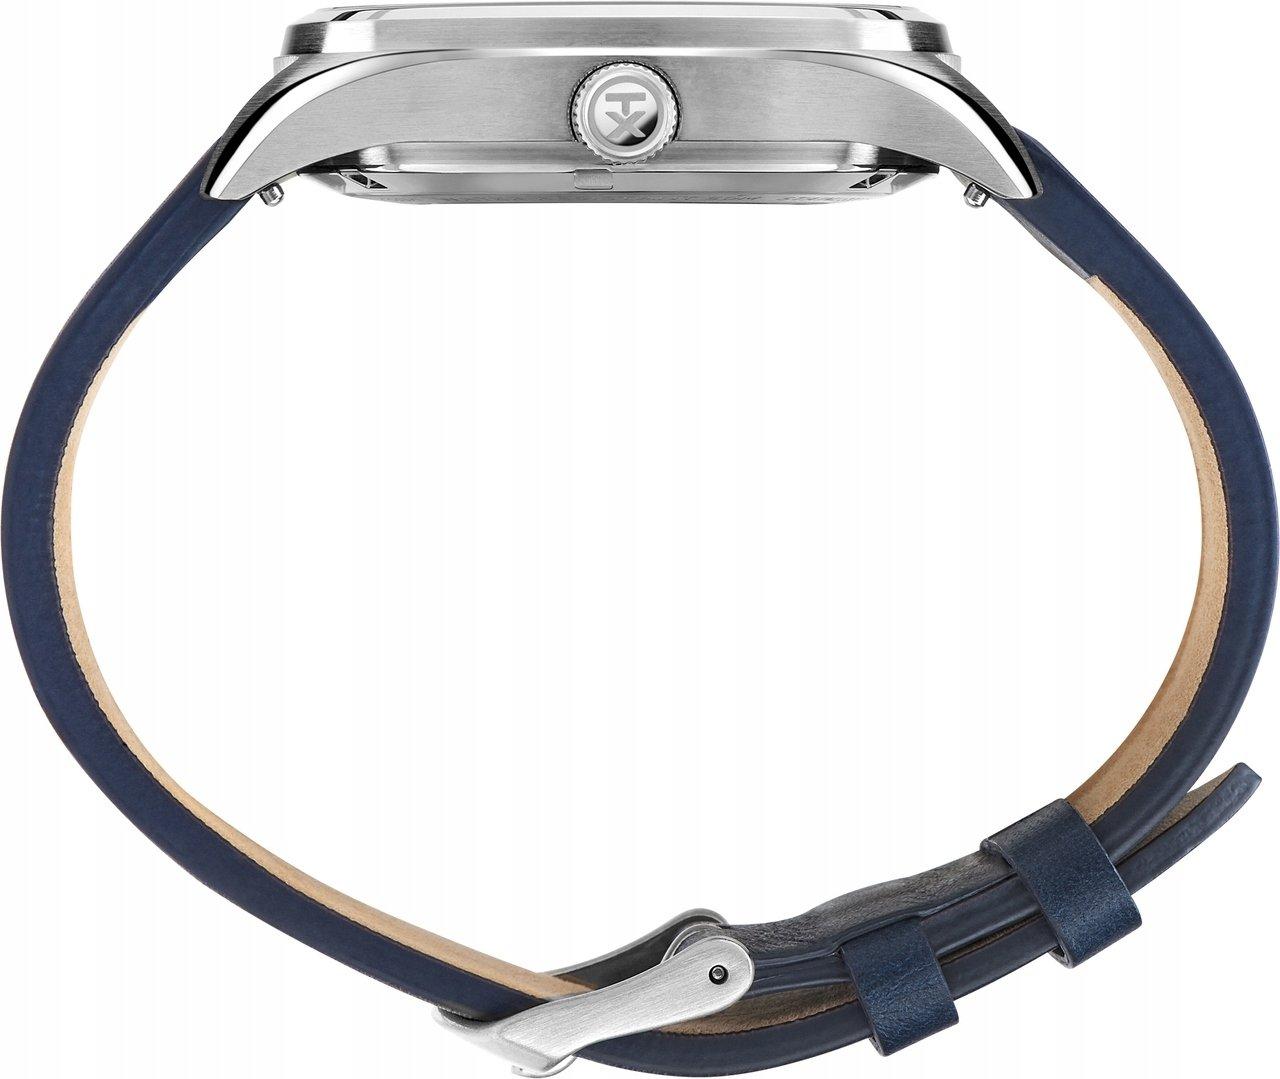 Timex TW2U11400 męski zegarek Waterbury pasek